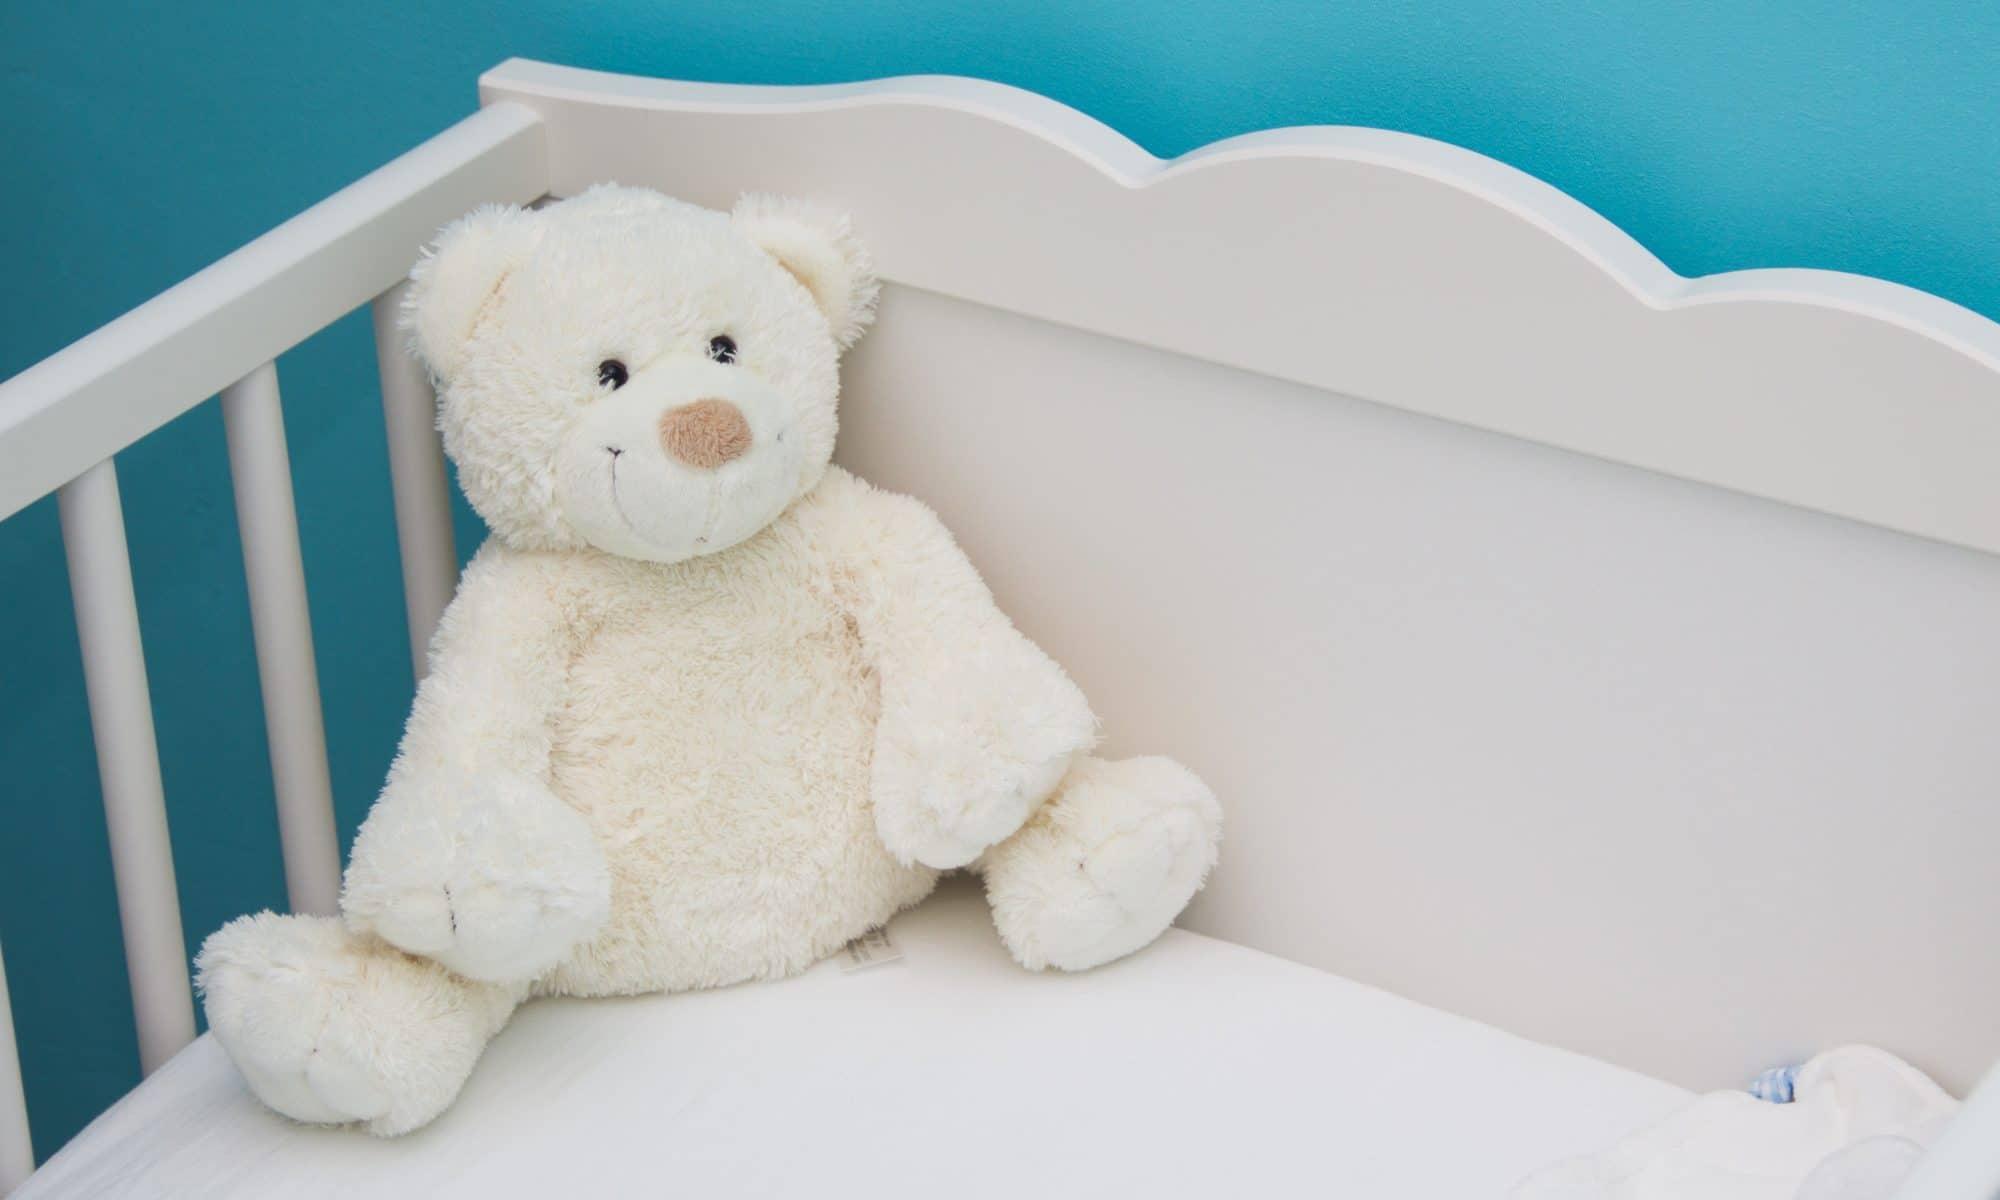 Crib and Bear